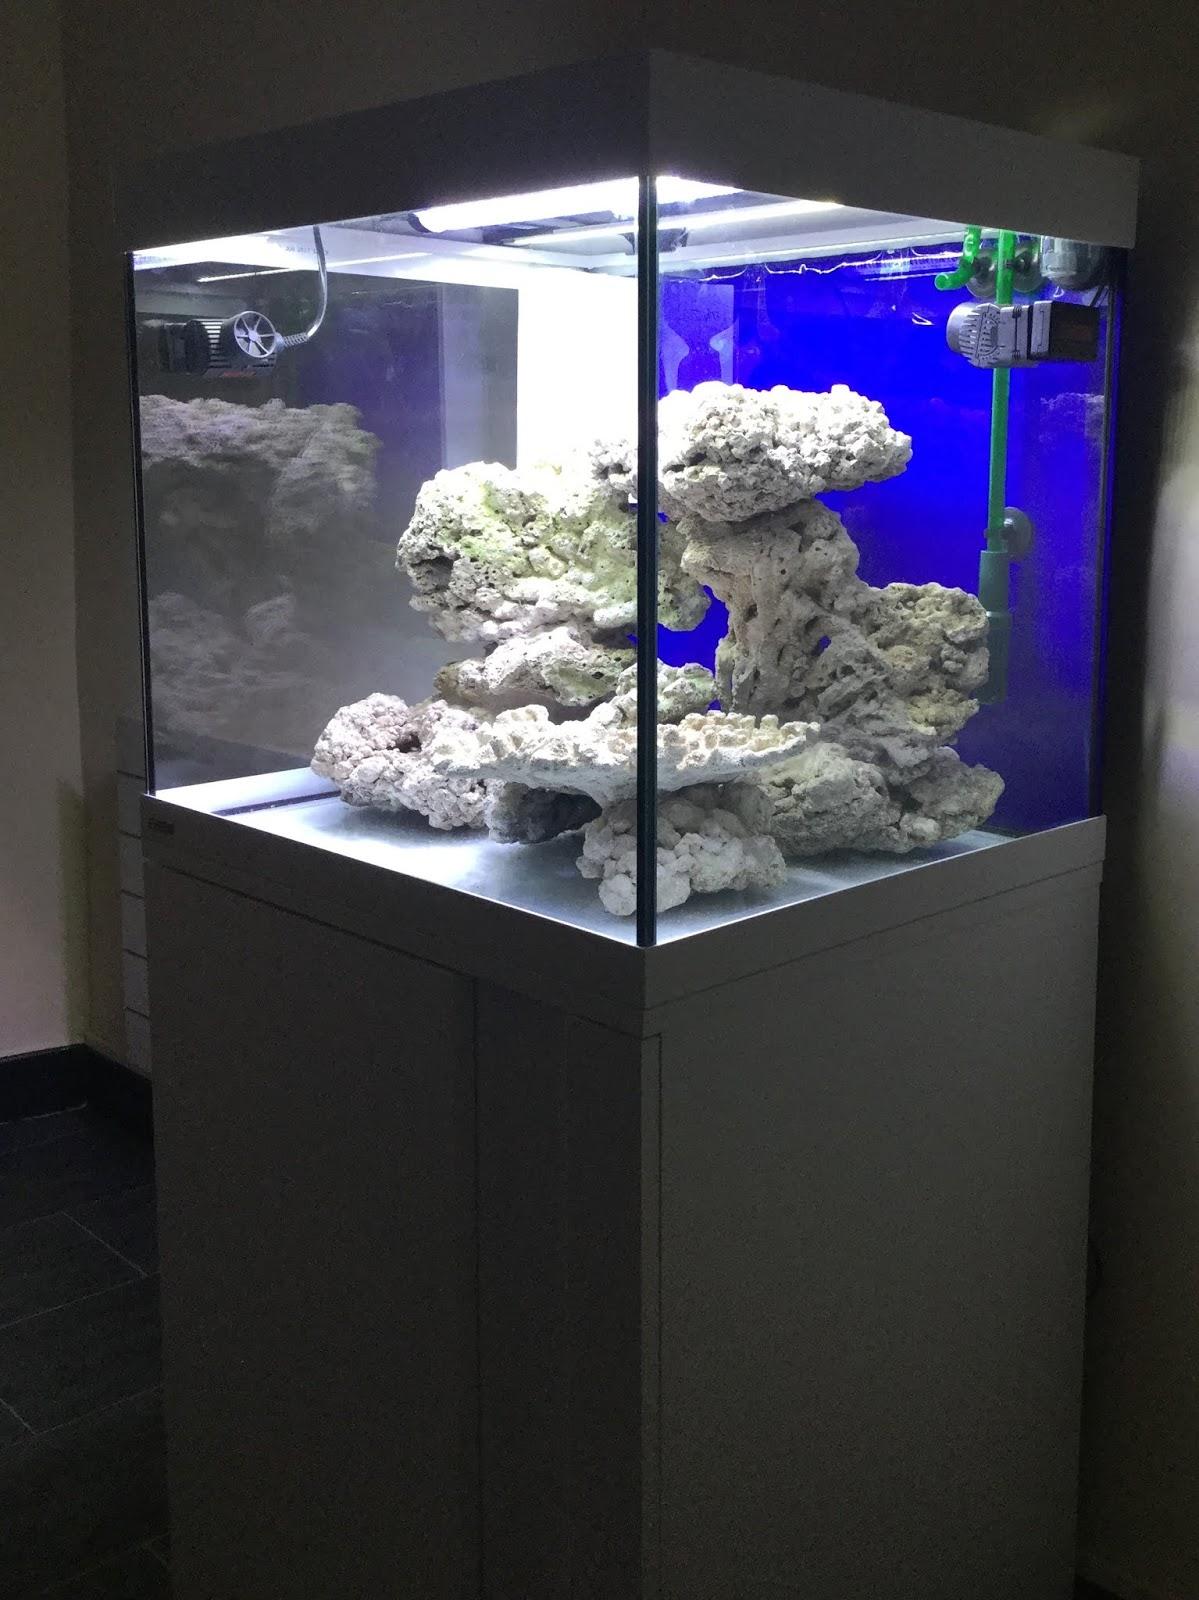 Aquarium Eau De Mer Fish Only : aquarium, Aquarium, Only:, Réalisation, Décor